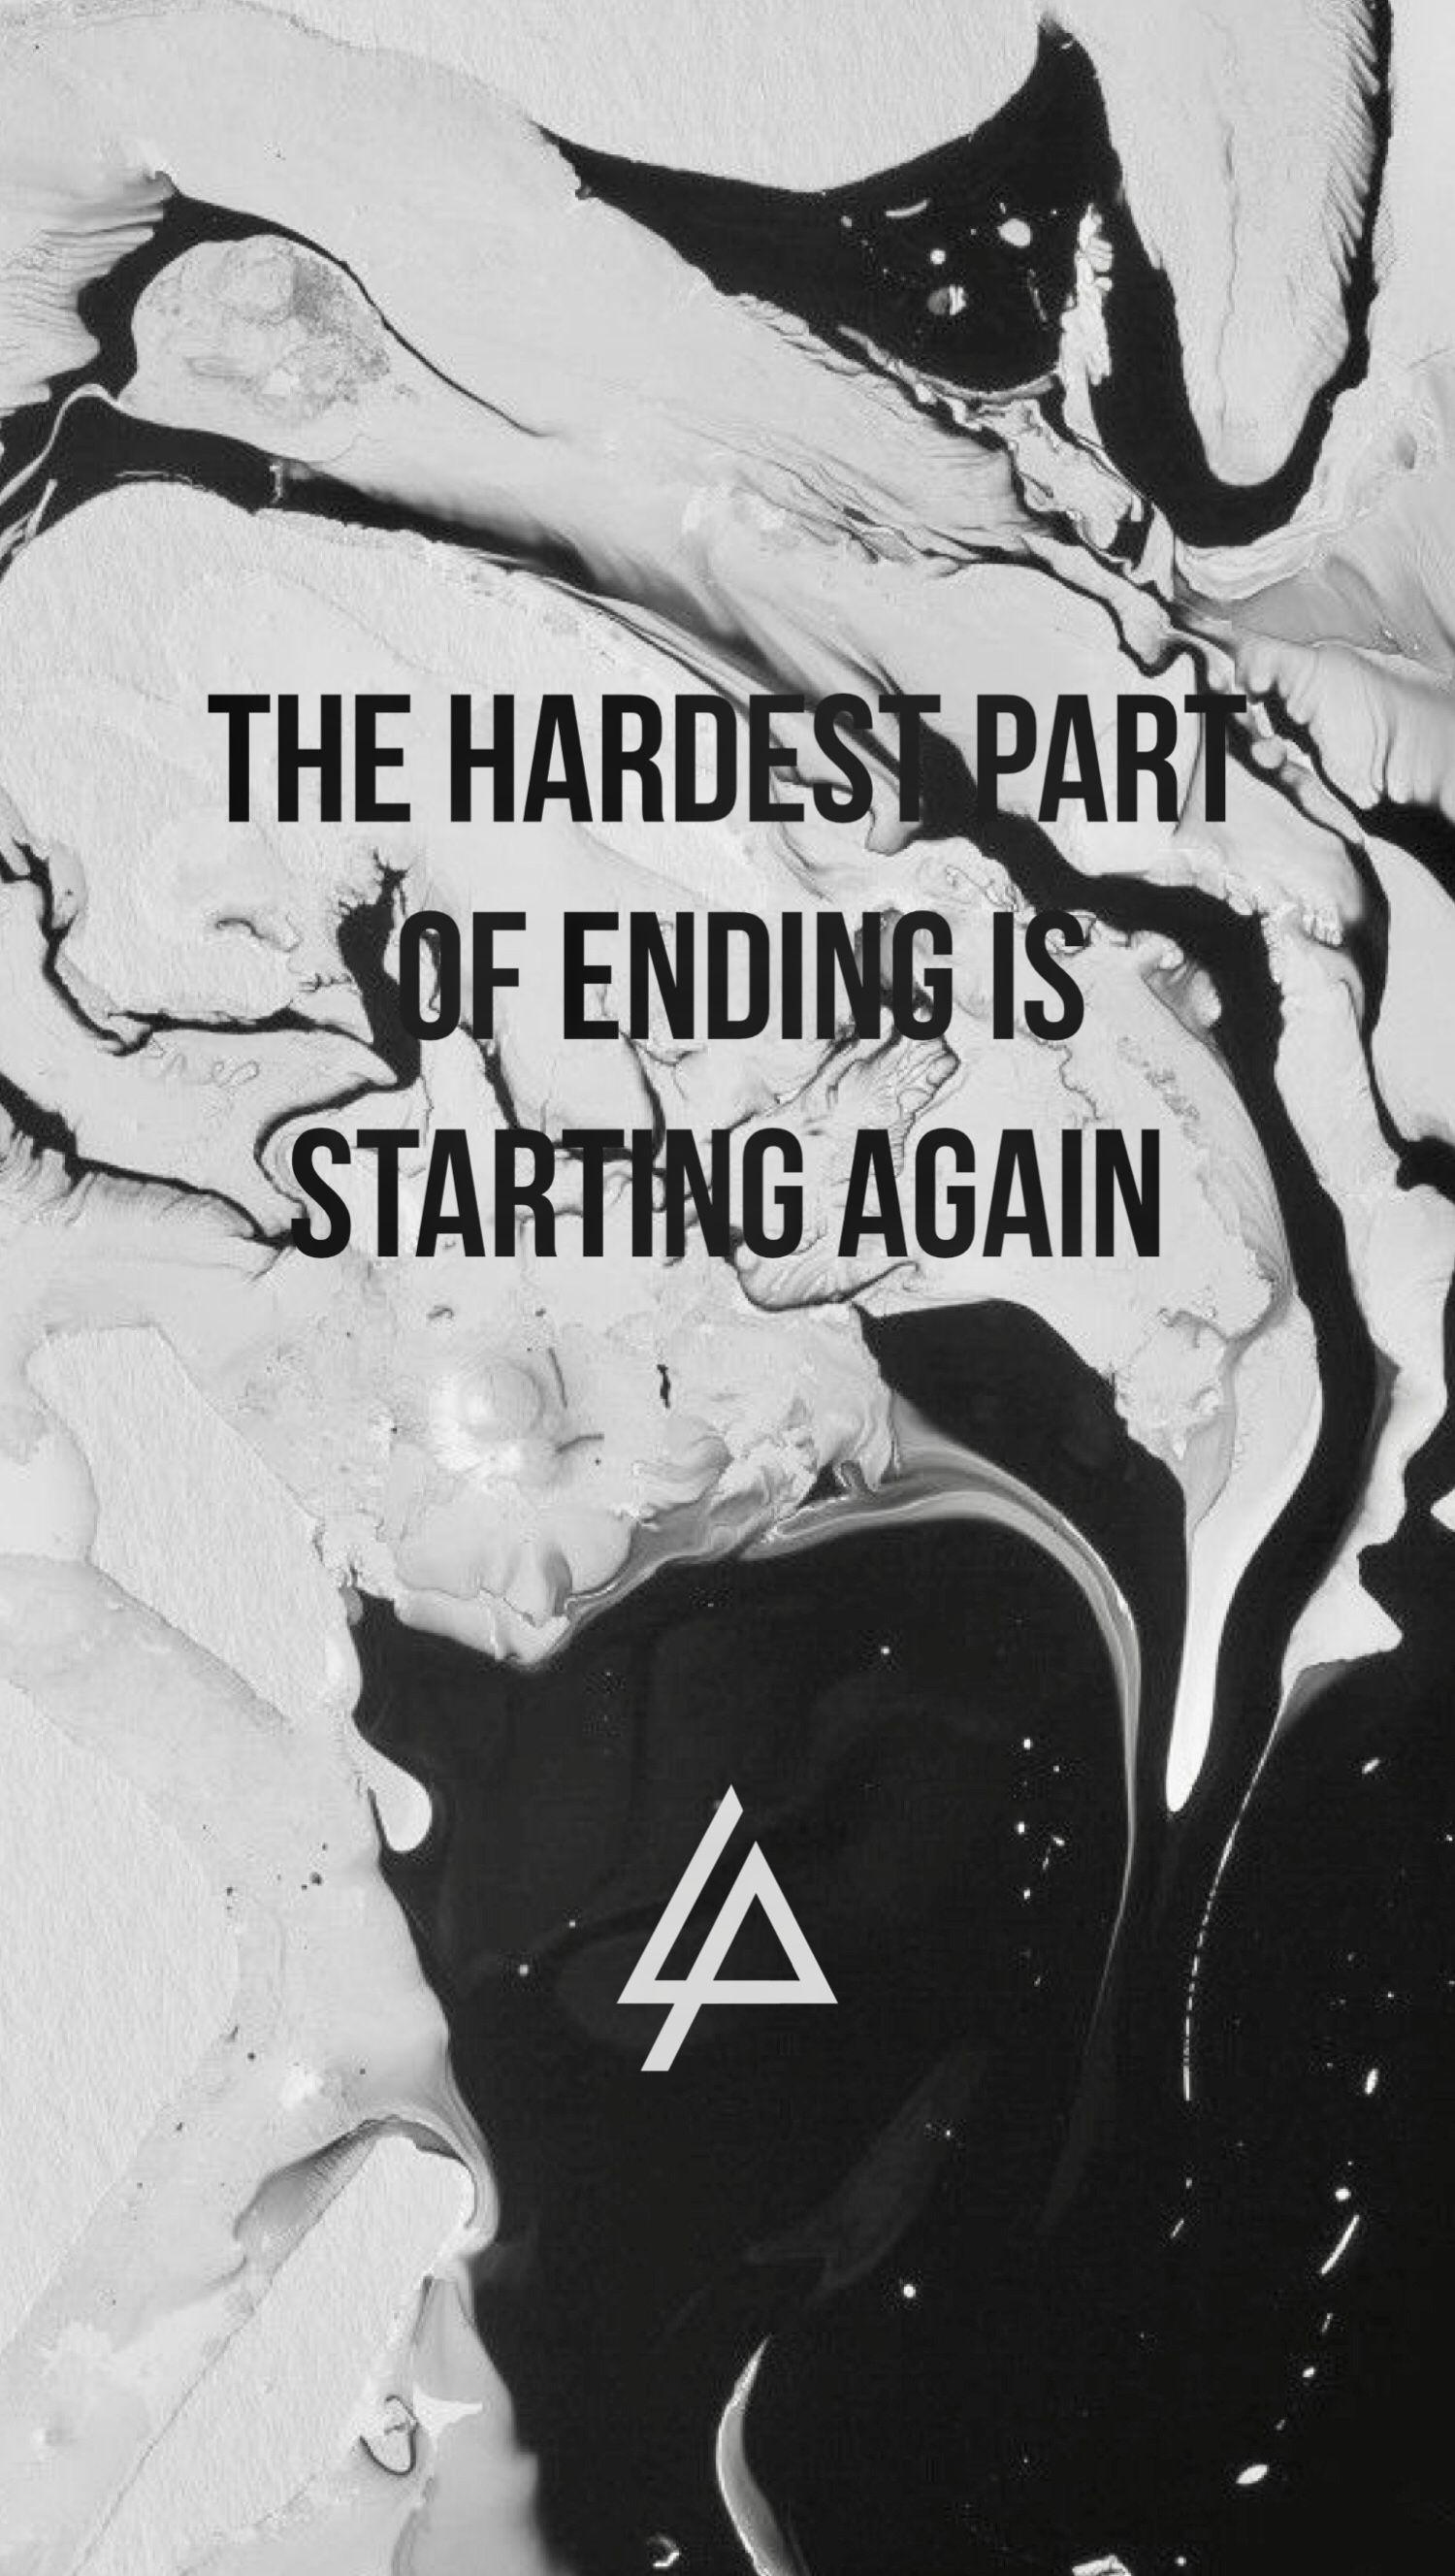 Waiting For The End A Thousand Suns Linkin Park Linkin Park